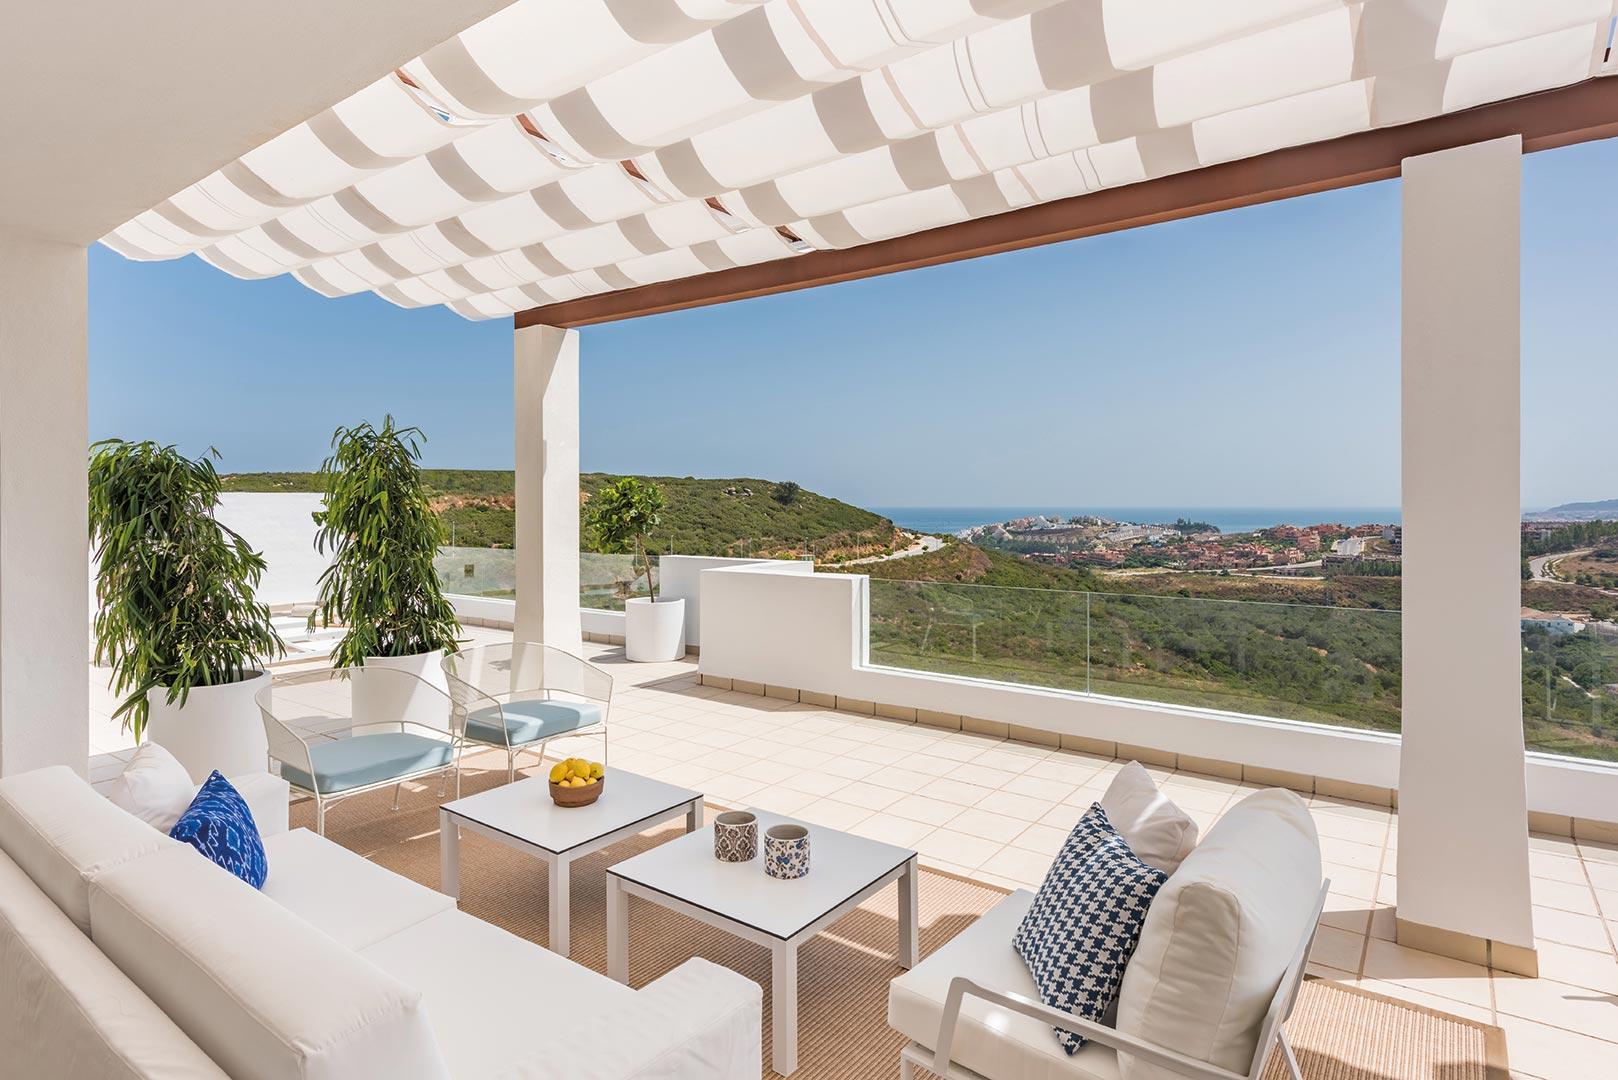 Terrazas cubiertas decoracion para interior y exterior - Cubiertas de terrazas ...